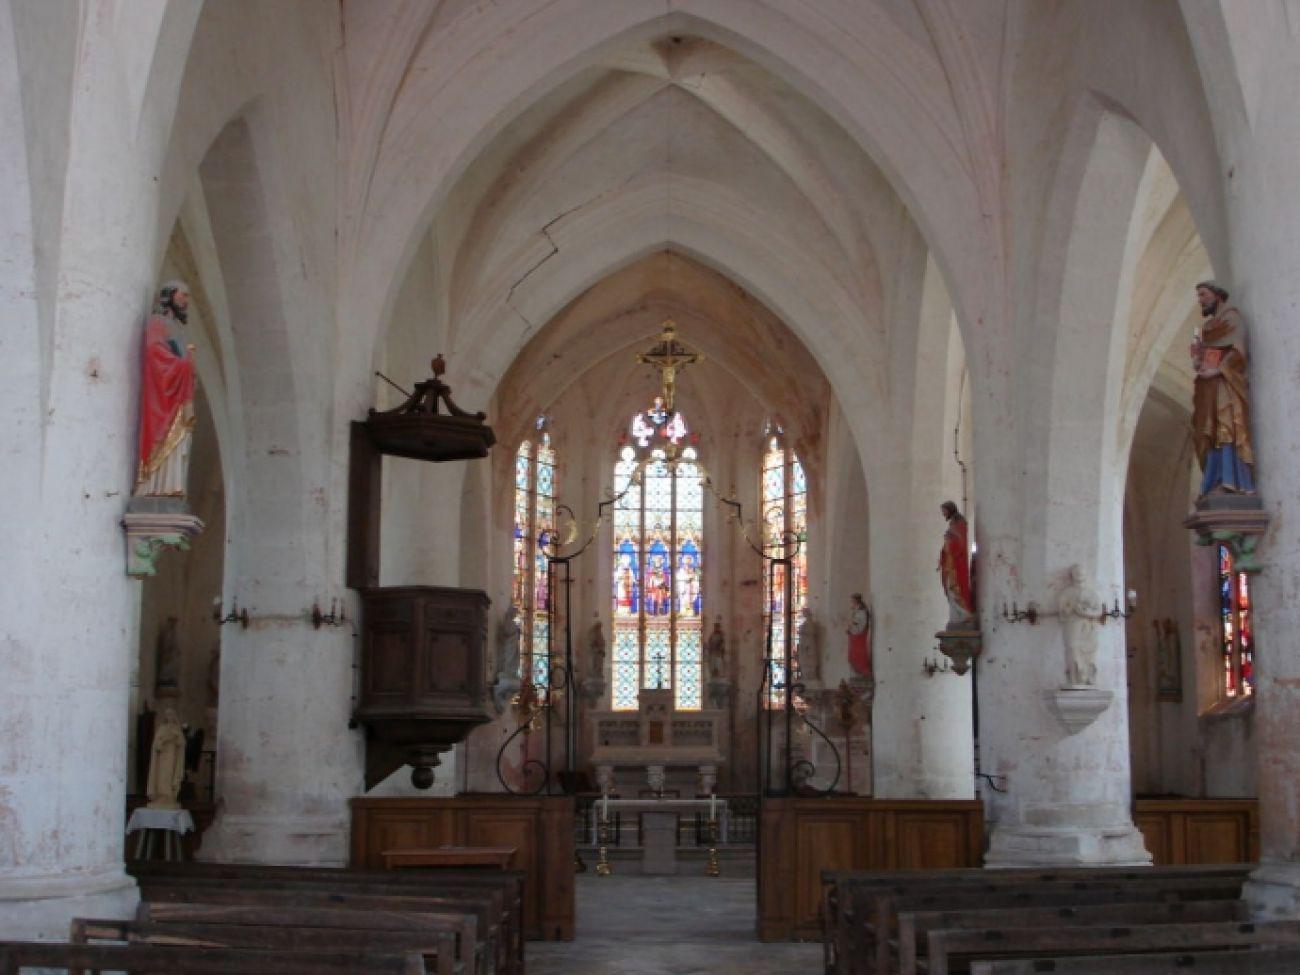 Eglise Saint-Julien-de-Brioude